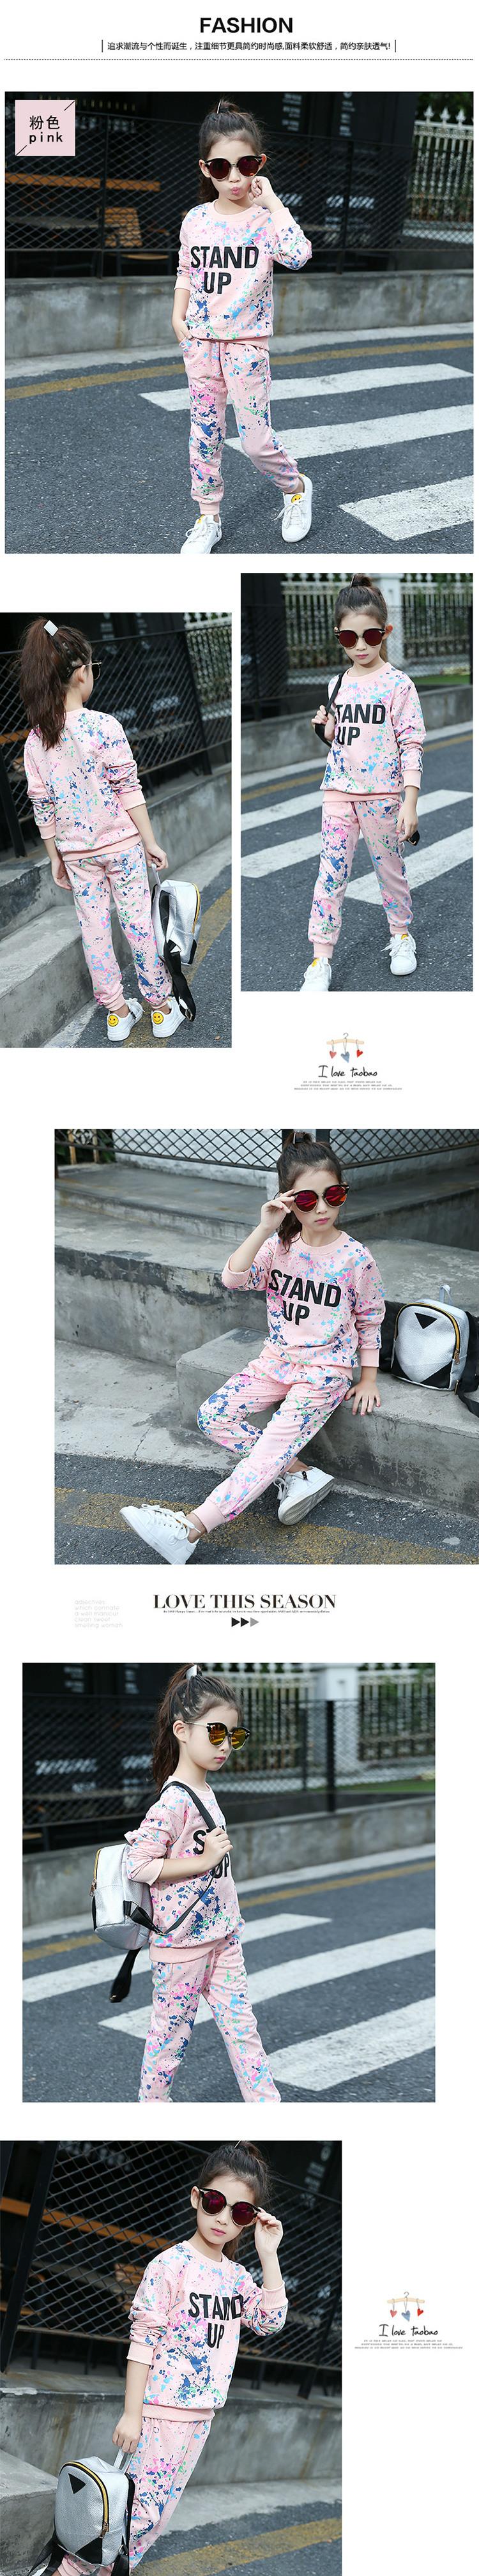 Скидки на Осенние Девушки Новый Корейский Граффити Lettes Печать Установка Спортивной Двух Частей Костюмы Дети Одежда Наборы Хлопок Розовый Темно-Синий